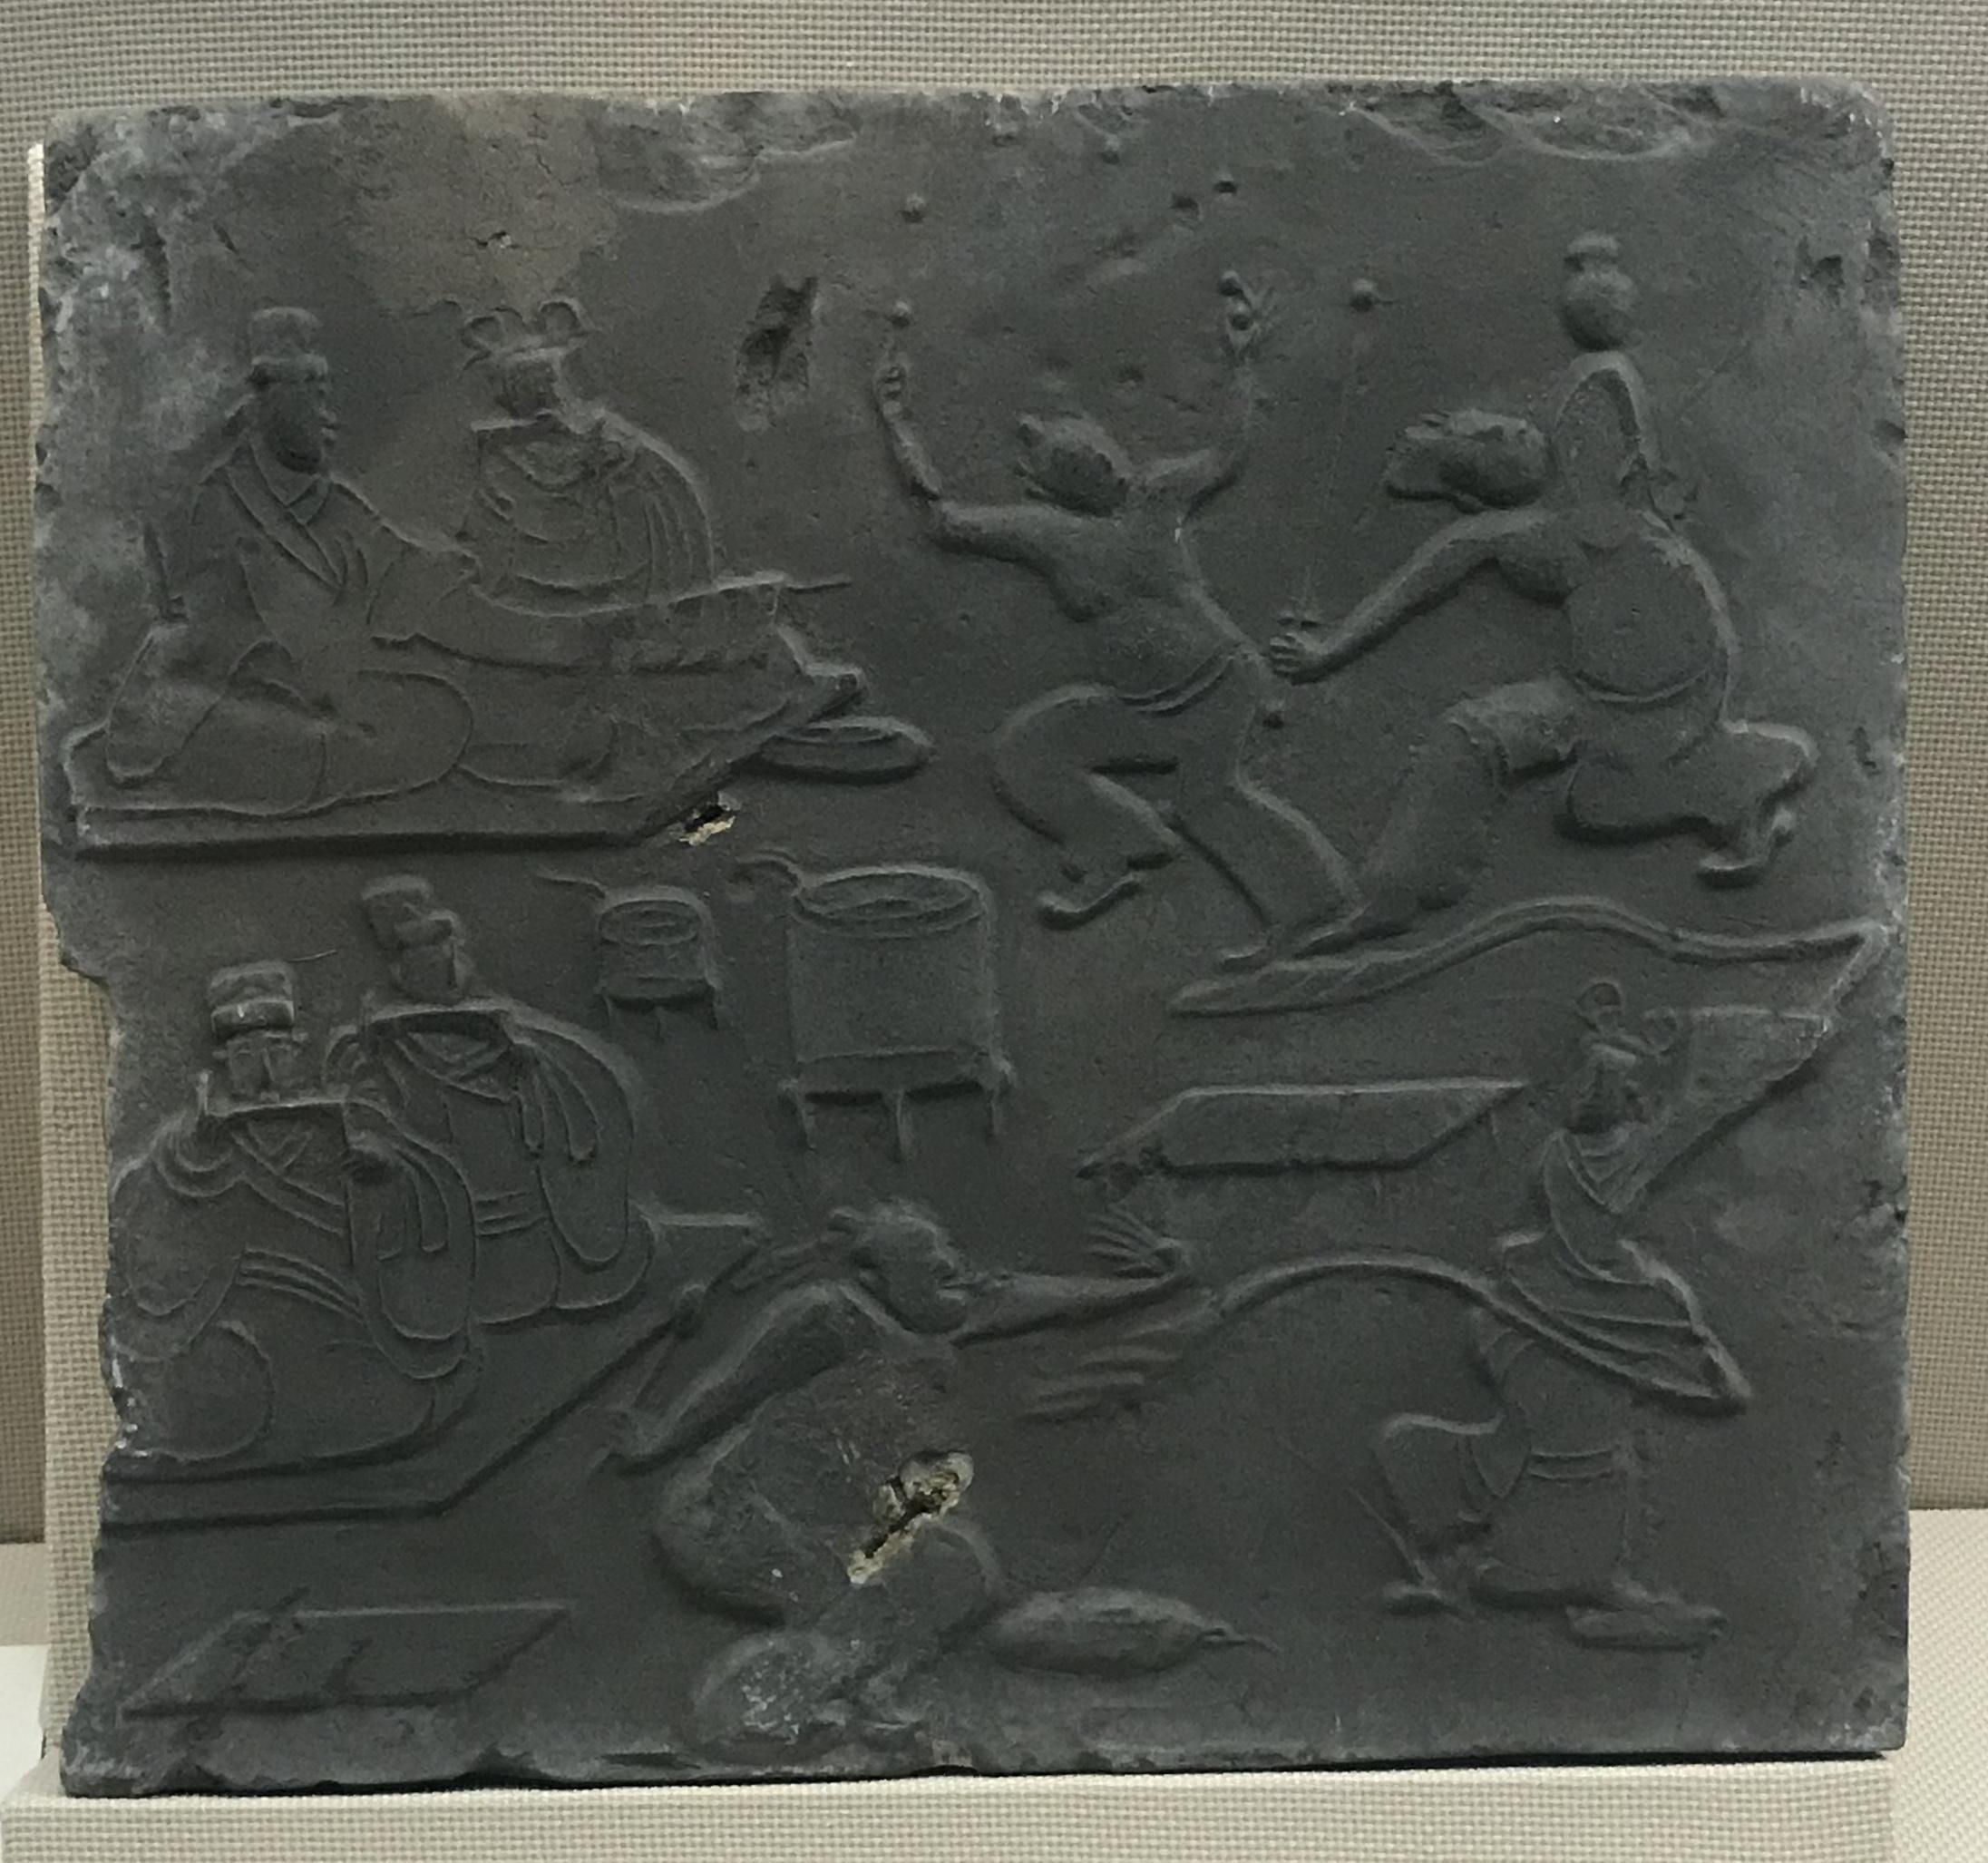 九剣宴舞画像レンガ-東漢-大邑県安仁出土-四川漢代陶石芸術館-四川博物院-成都